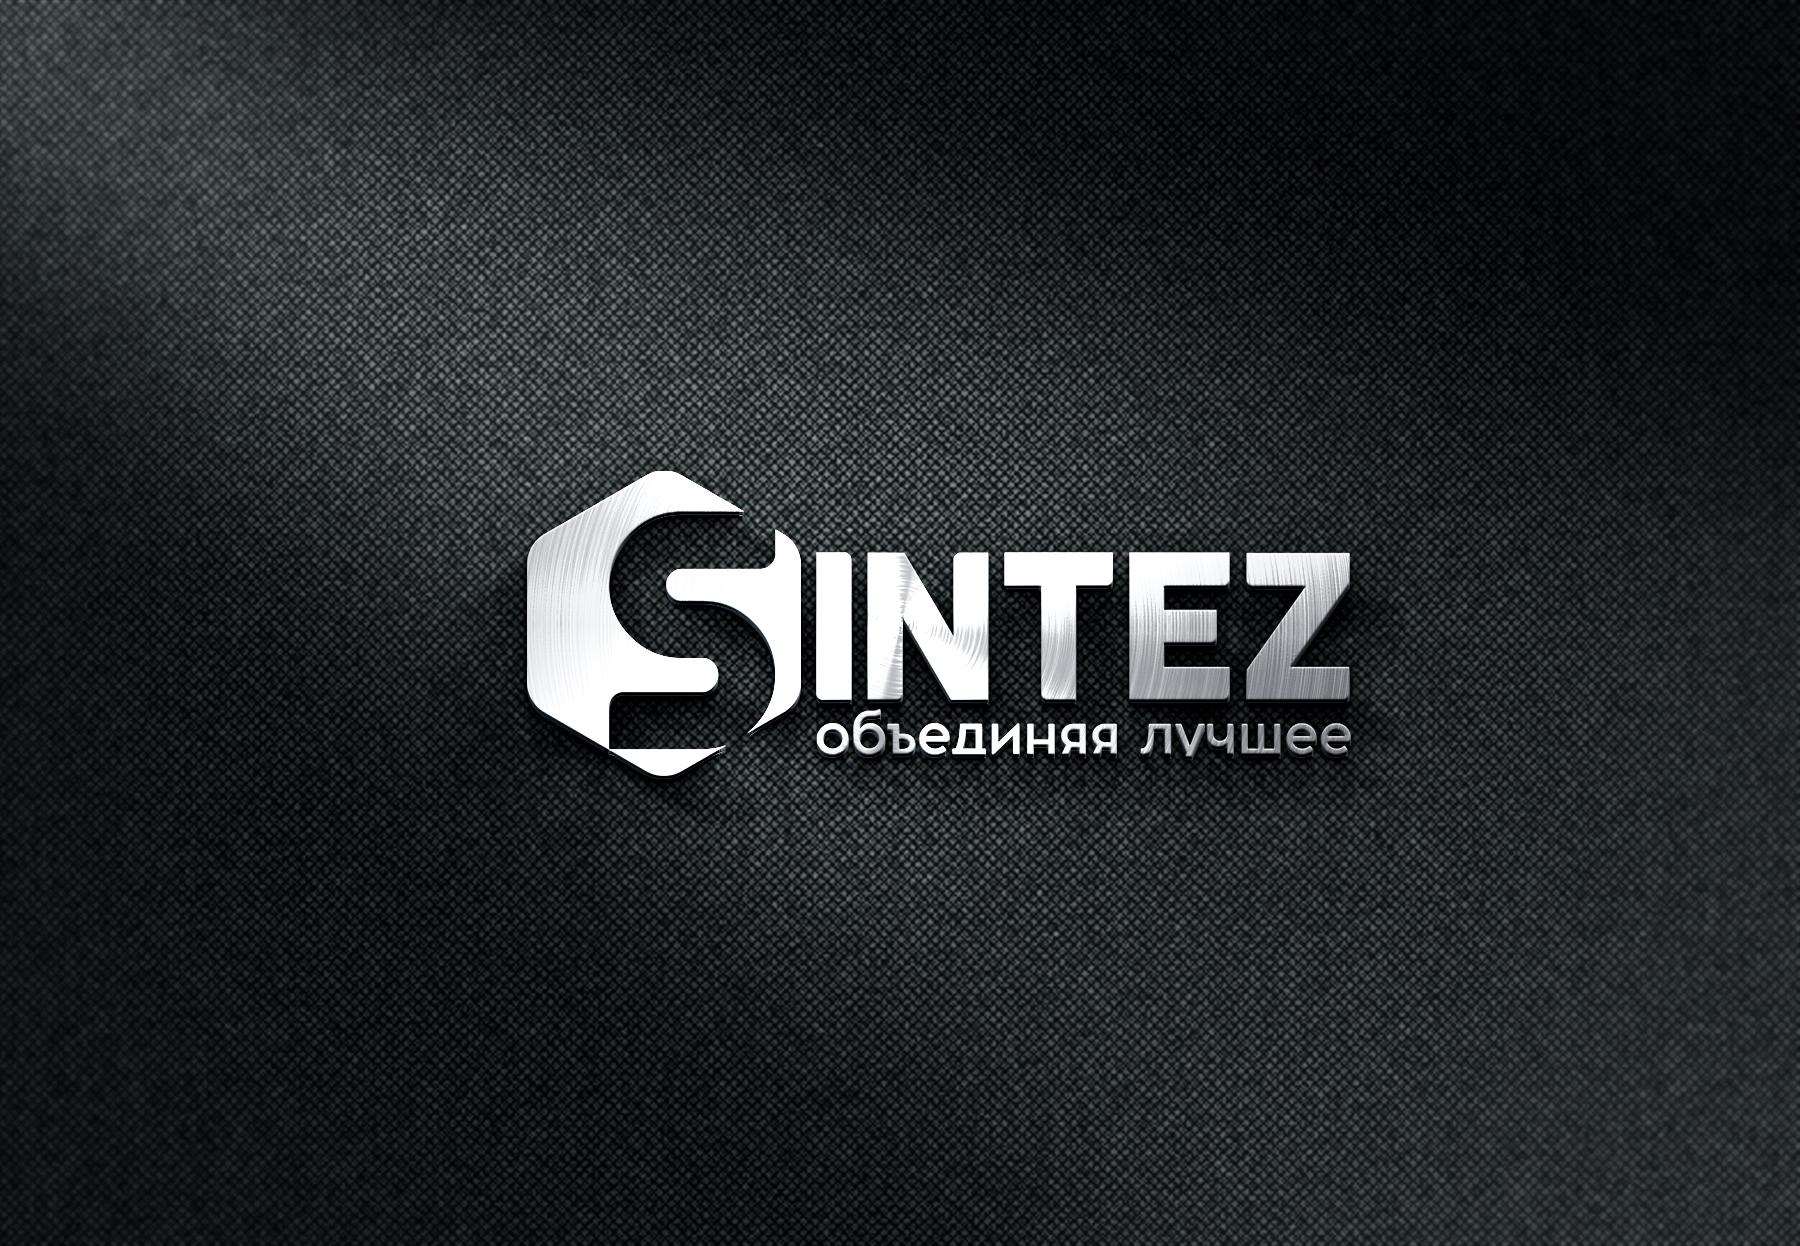 Разрабтка логотипа компании и фирменного шрифта фото f_4665f62b962acd66.jpg